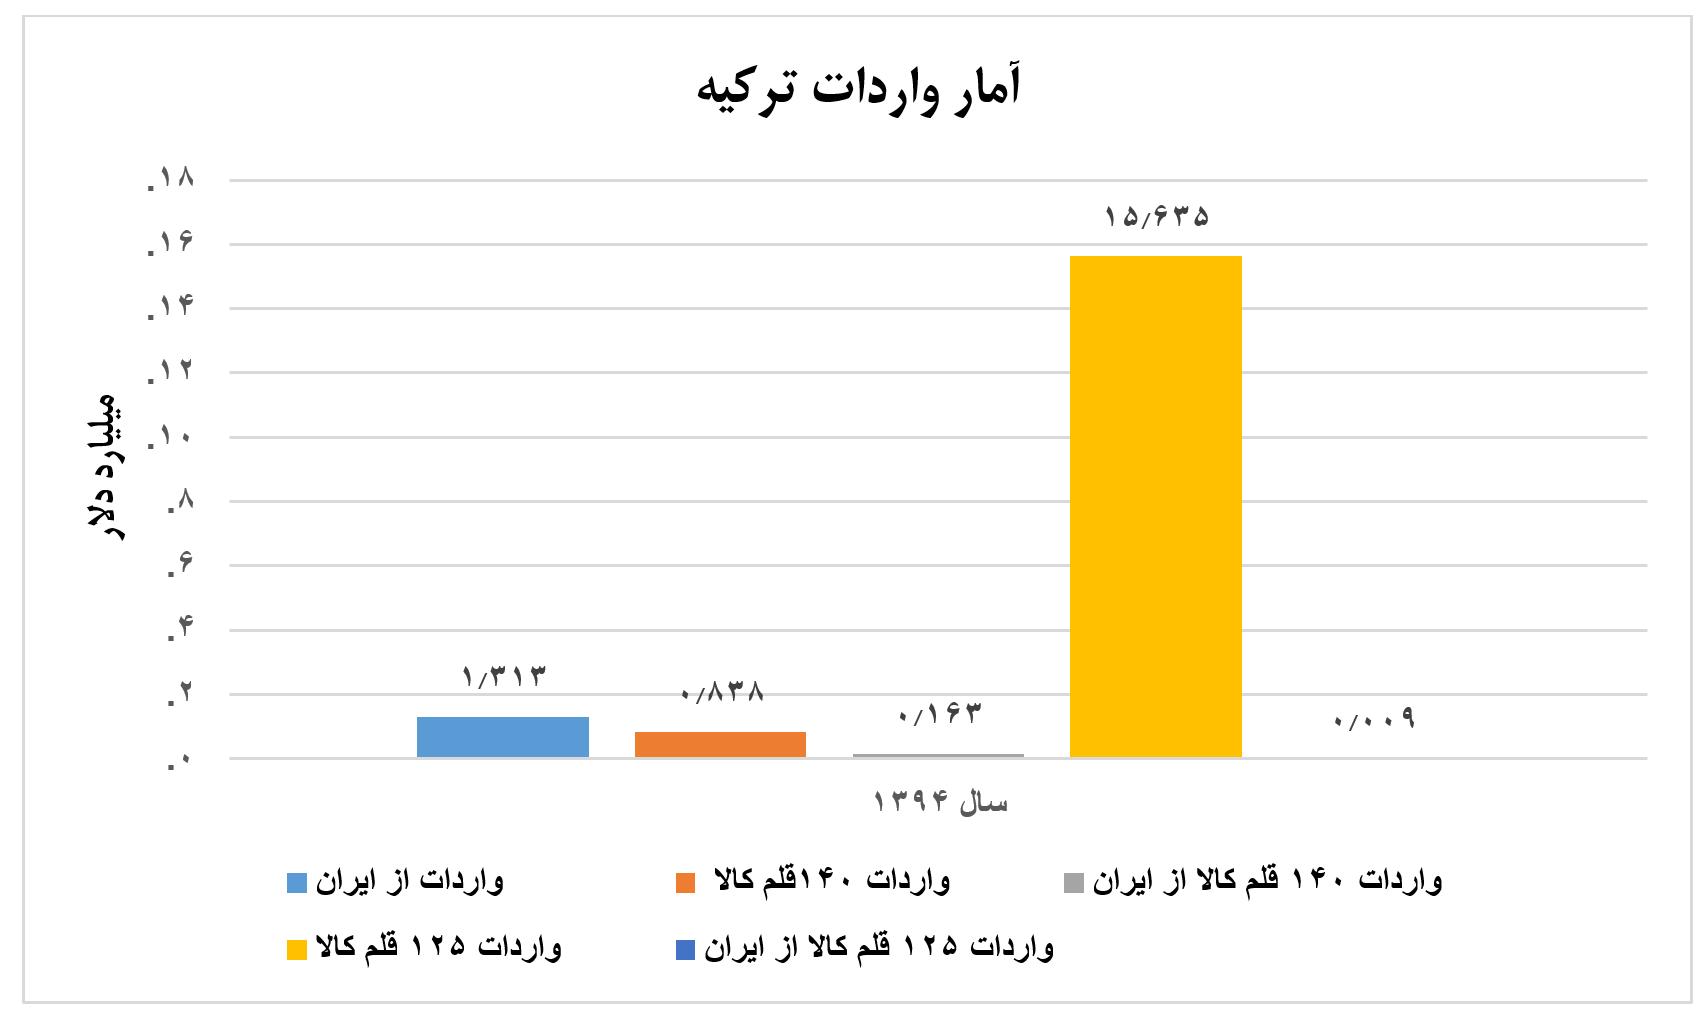 نمودار چهارم تجارت دوجانبه ایران و ترکیه - توافق تجاری دوجانبه میان ایران و ترکیه 3.5 میلیارد دلار ظرفیت دارد